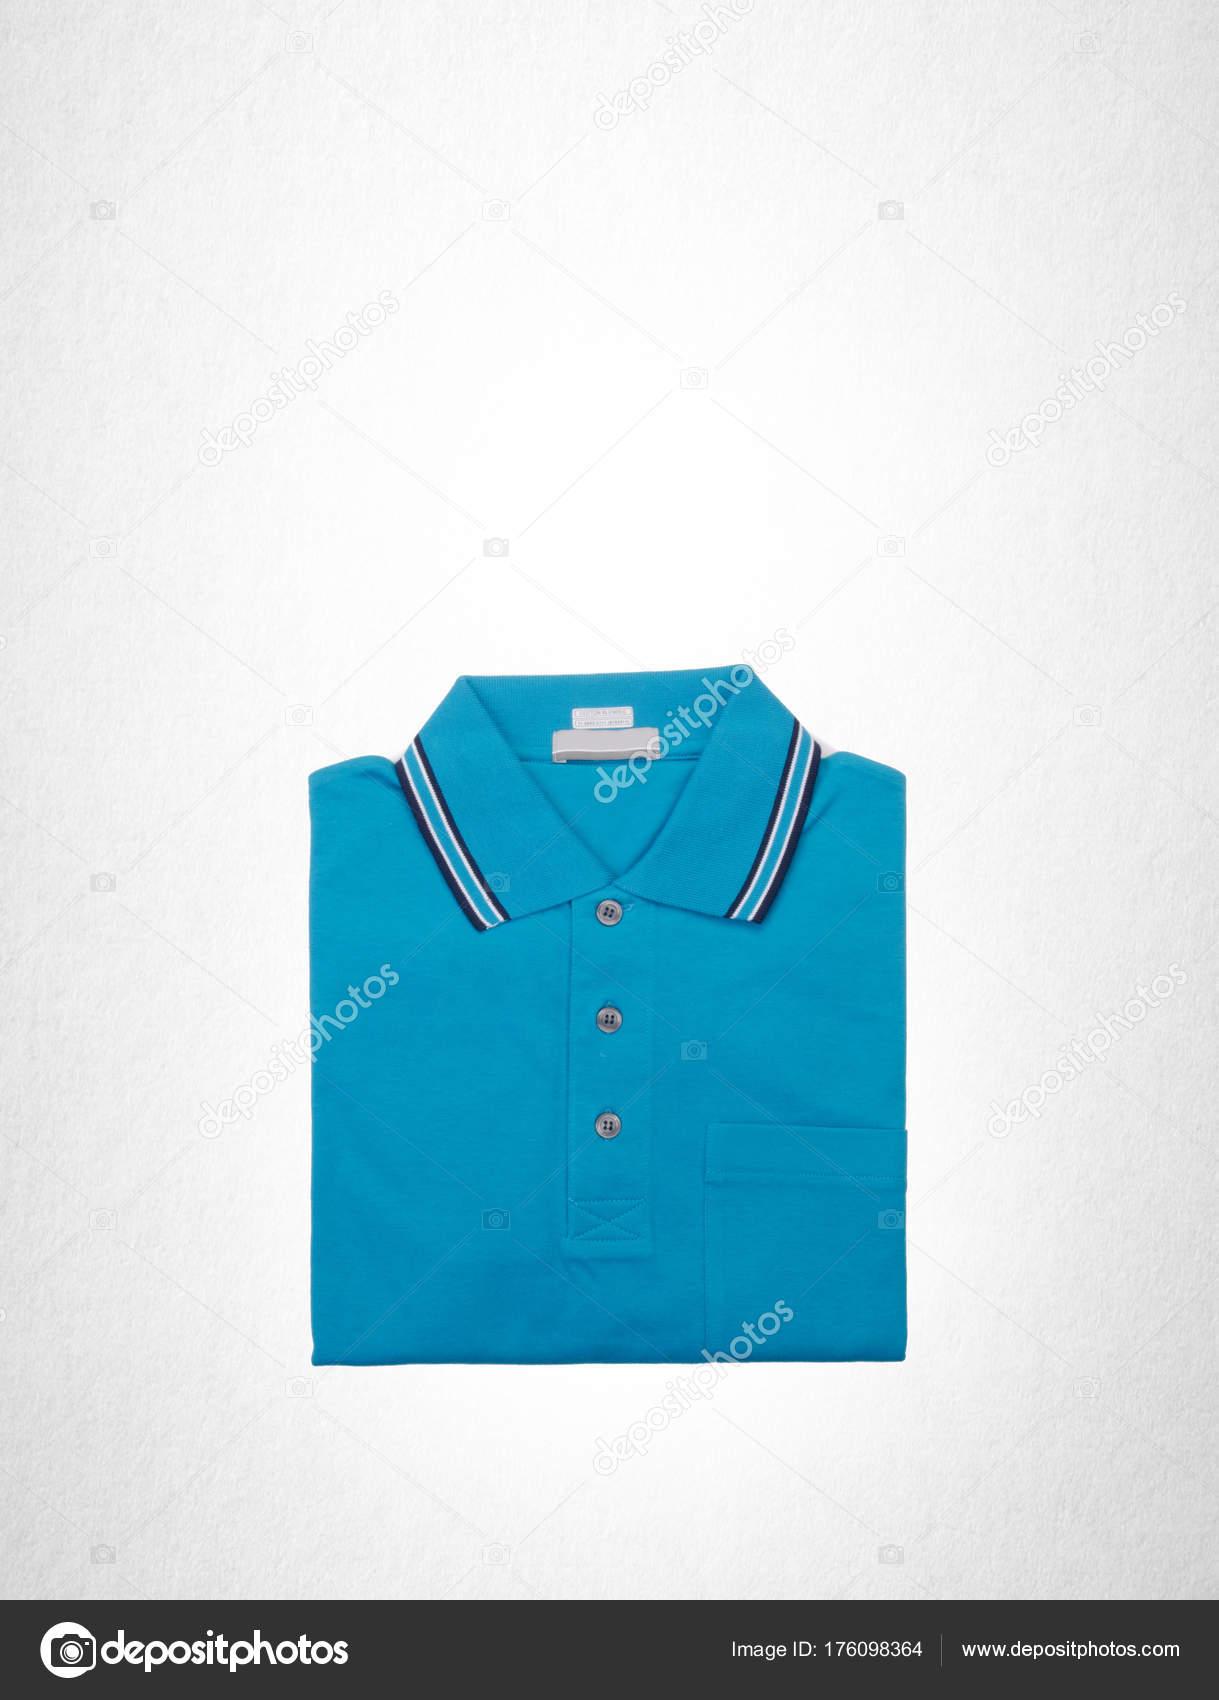 online retailer c77c7 cdab1 Hemd oder Poloshirt auf weißem Hintergrund. — Stockfoto ...